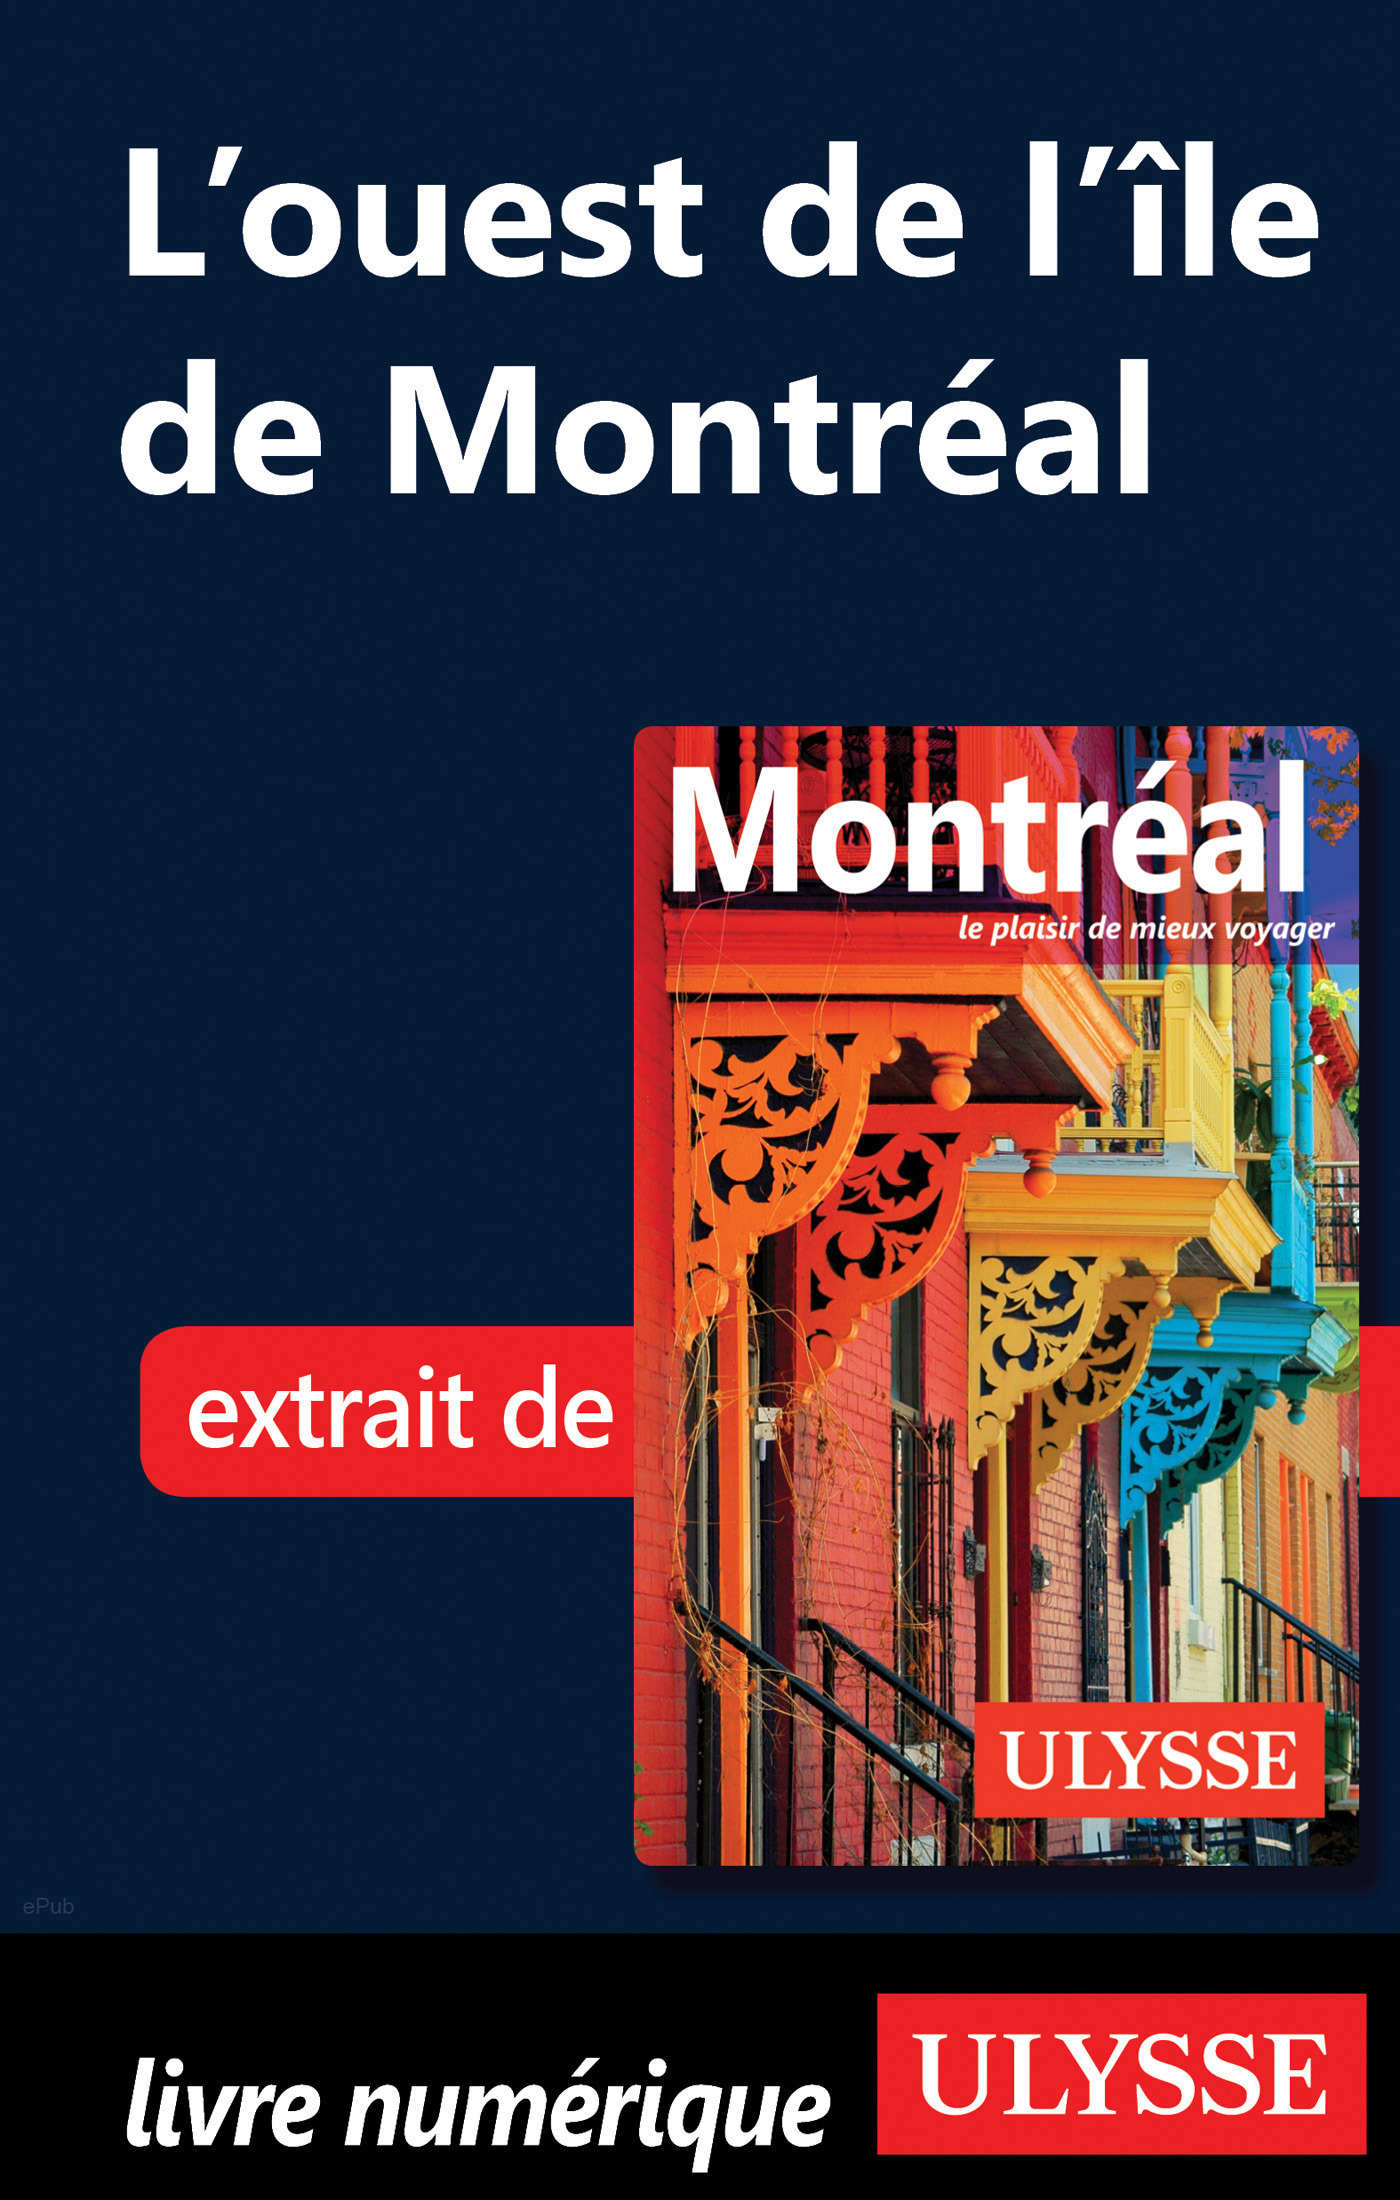 L'ouest de l'ile de Montréal